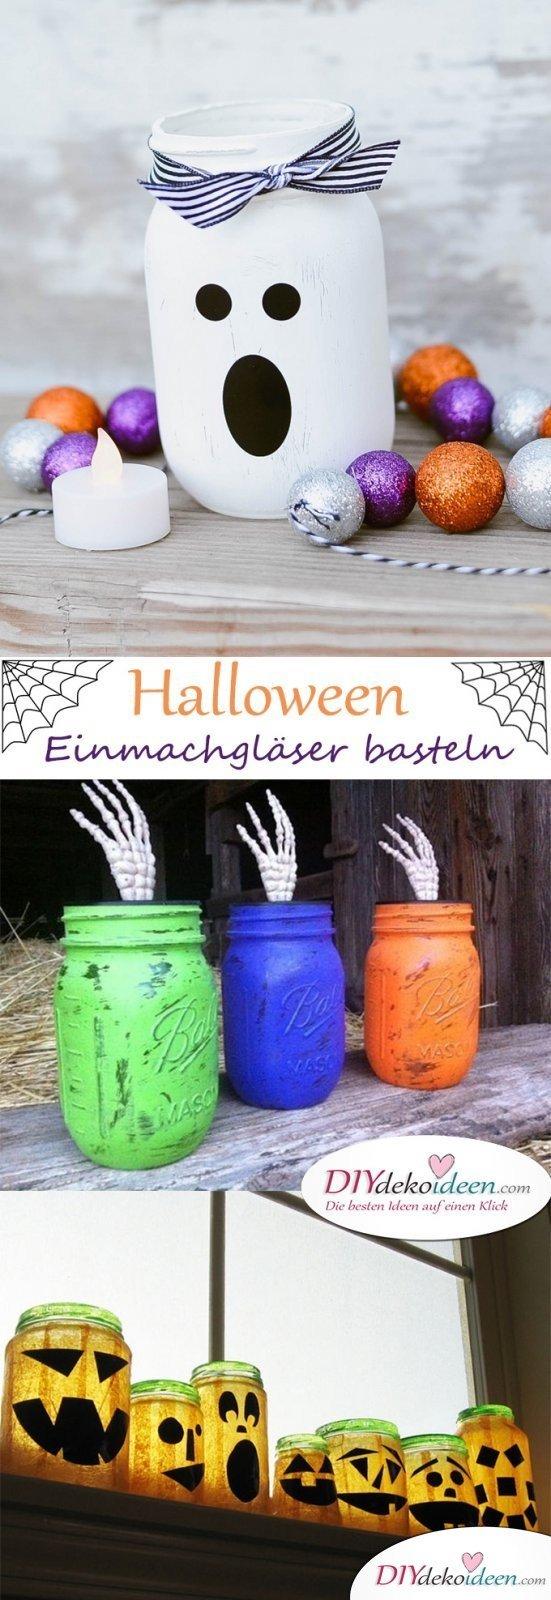 Gruselige halloween einmachgl ser basteln die besten diy bastelideen - Einmachglaser deko ...